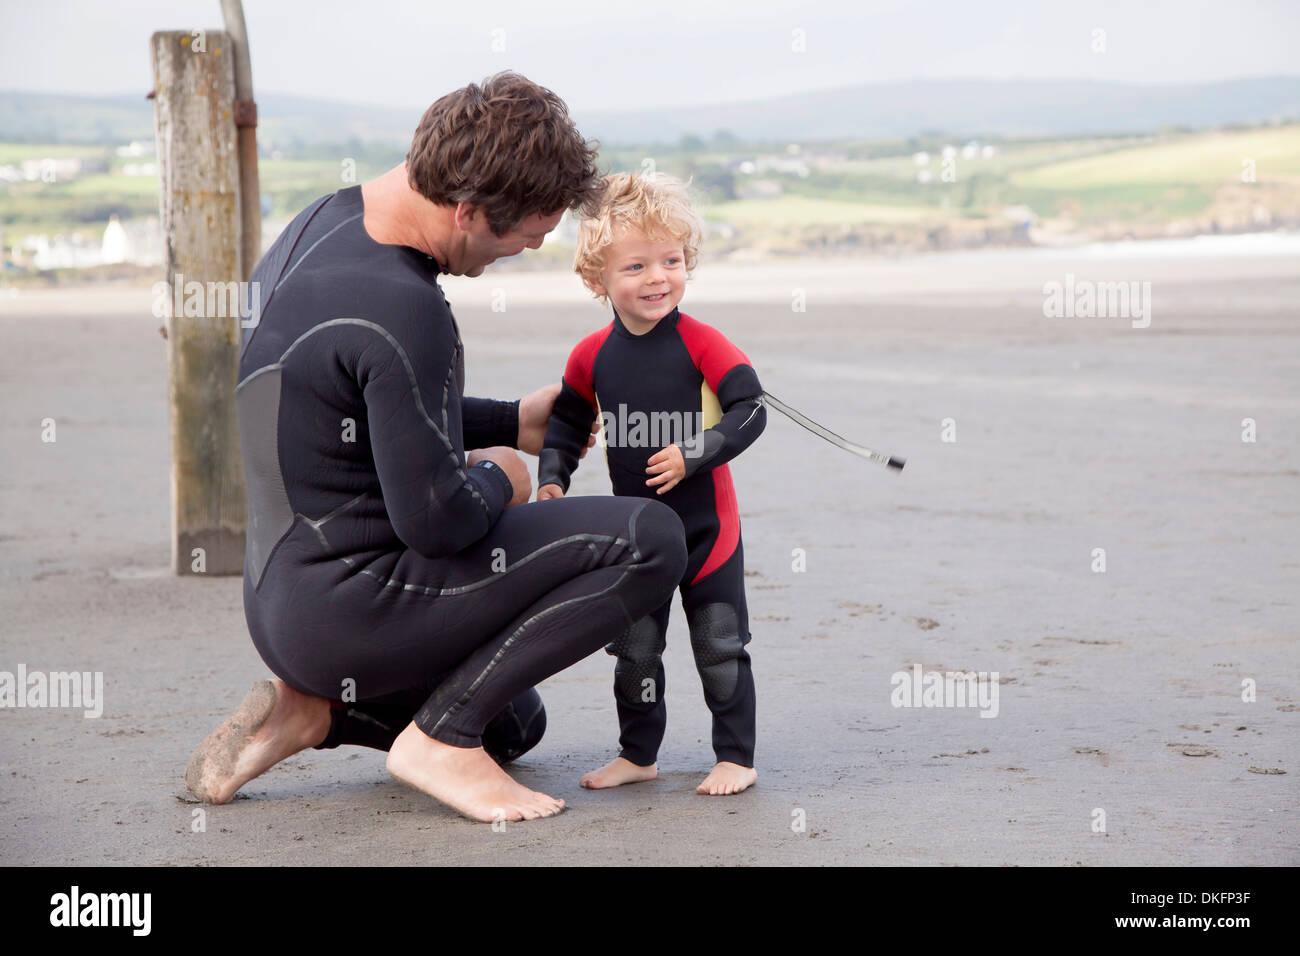 Vater und Sohn am Strand tragen Neoprenanzüge Stockbild